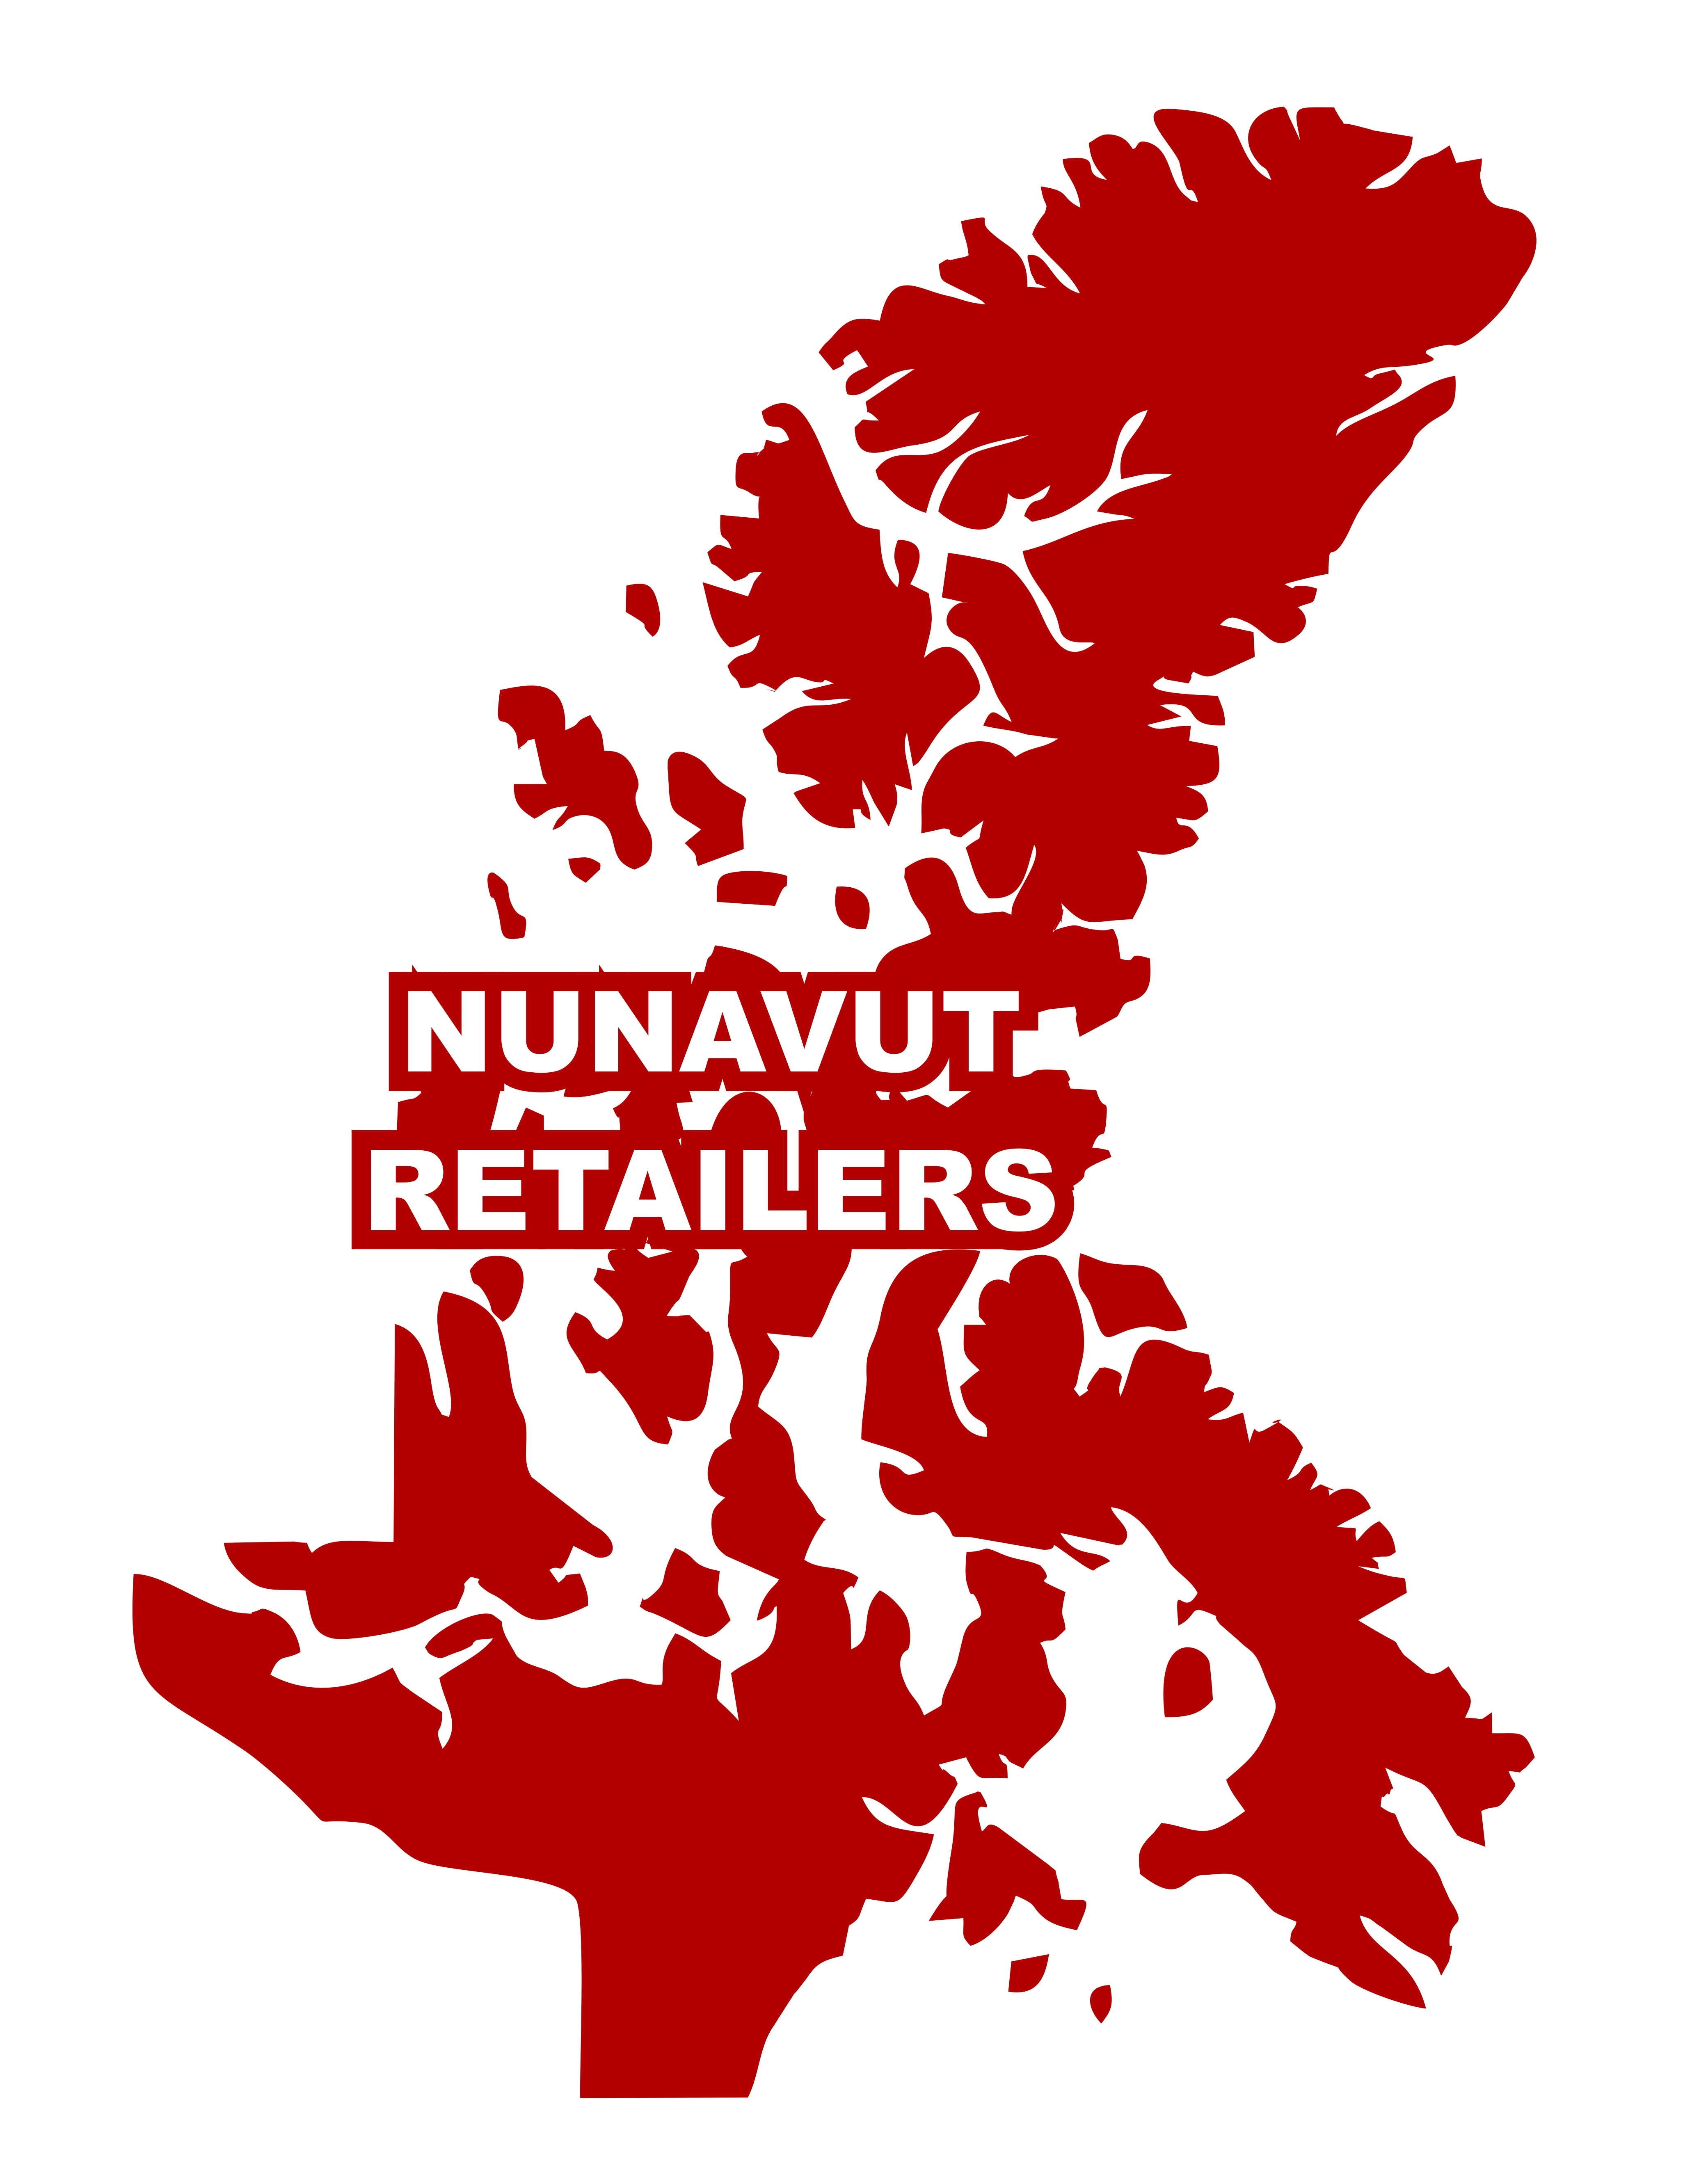 nunavut-retailers.jpg